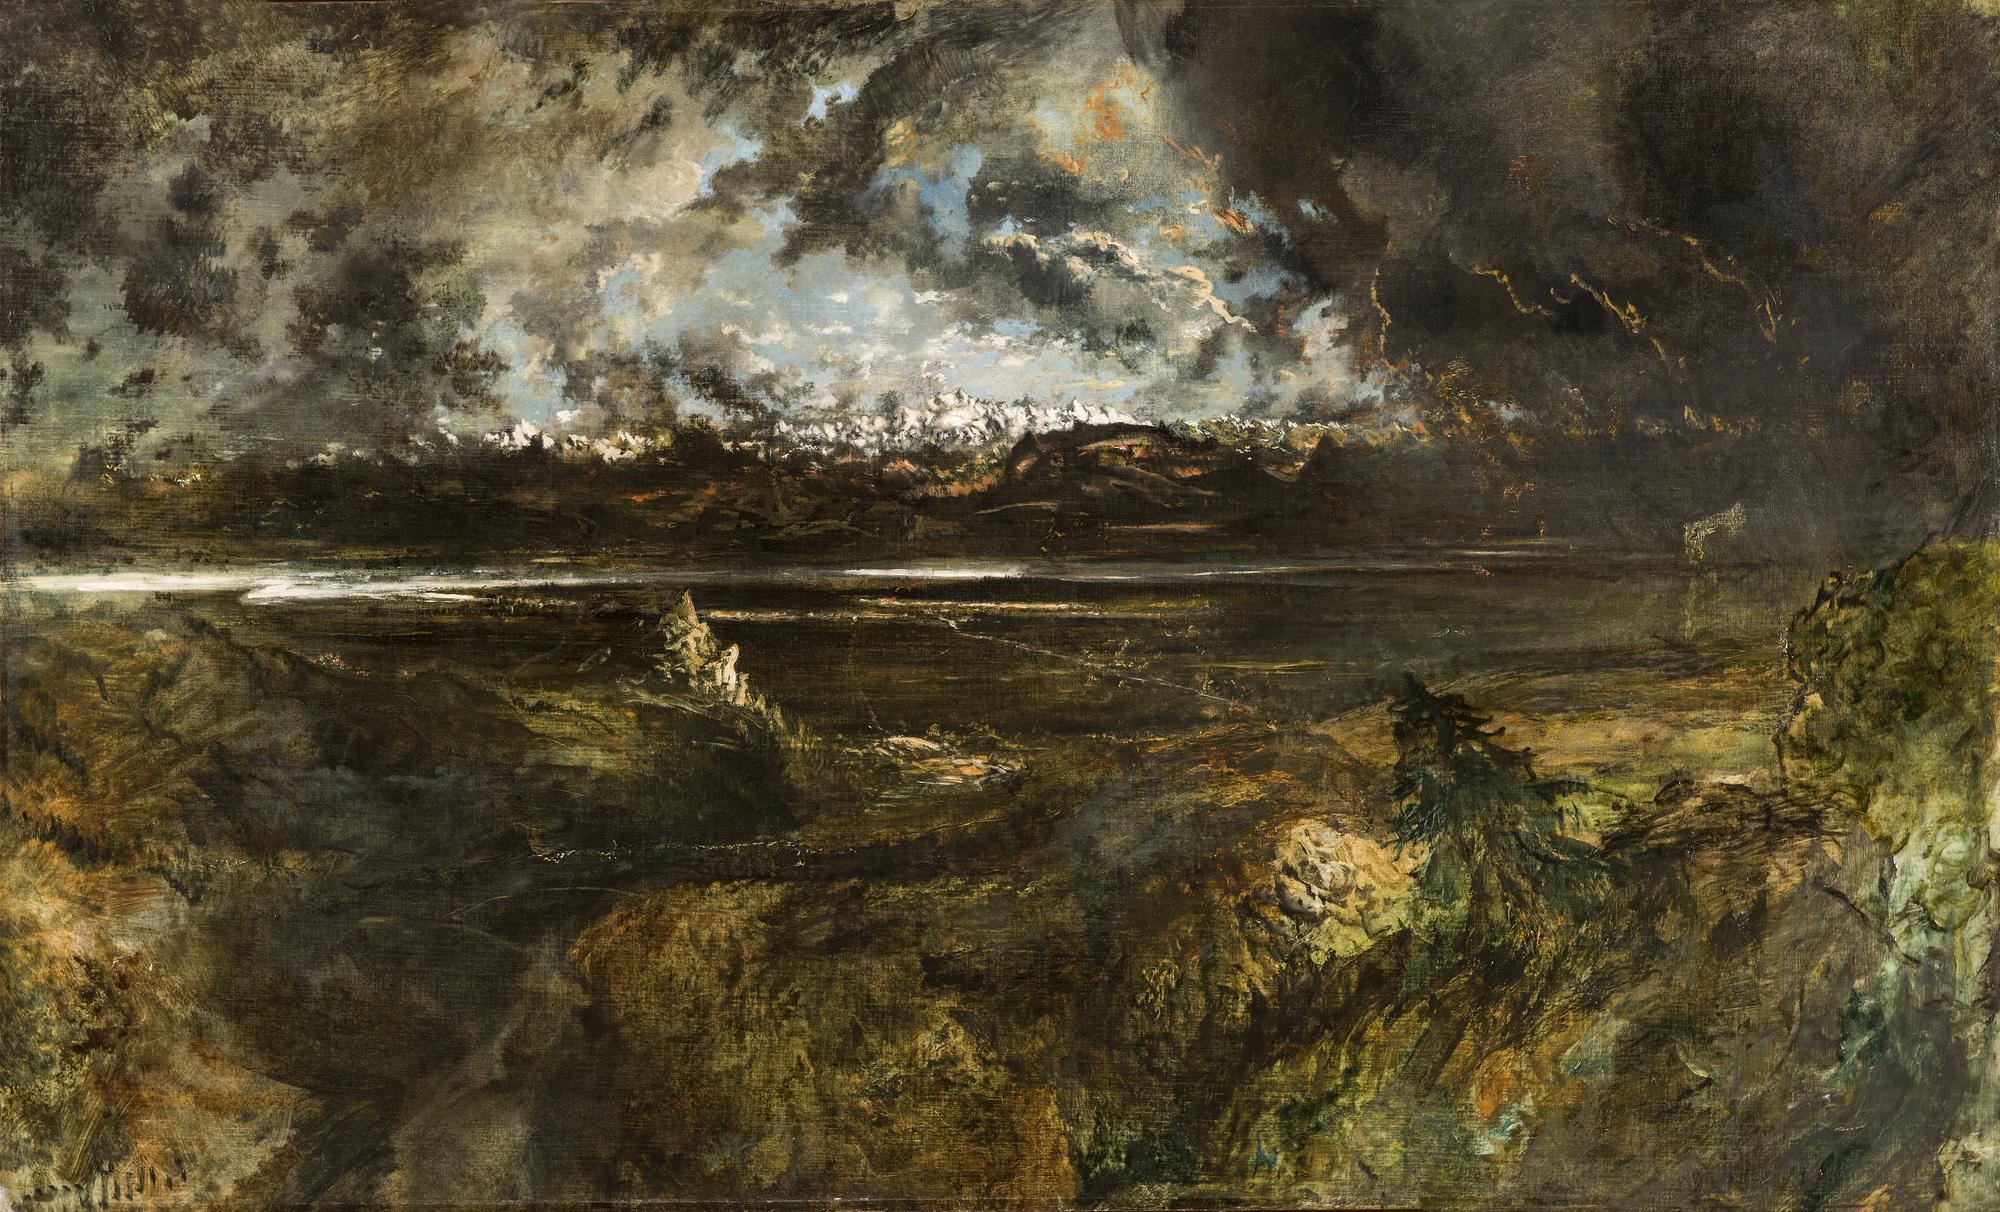 <em/>Mont Blanc Seen from La Faucille, Storm Effect, begun 1834, Théodore Rousseau. Oil on canvas